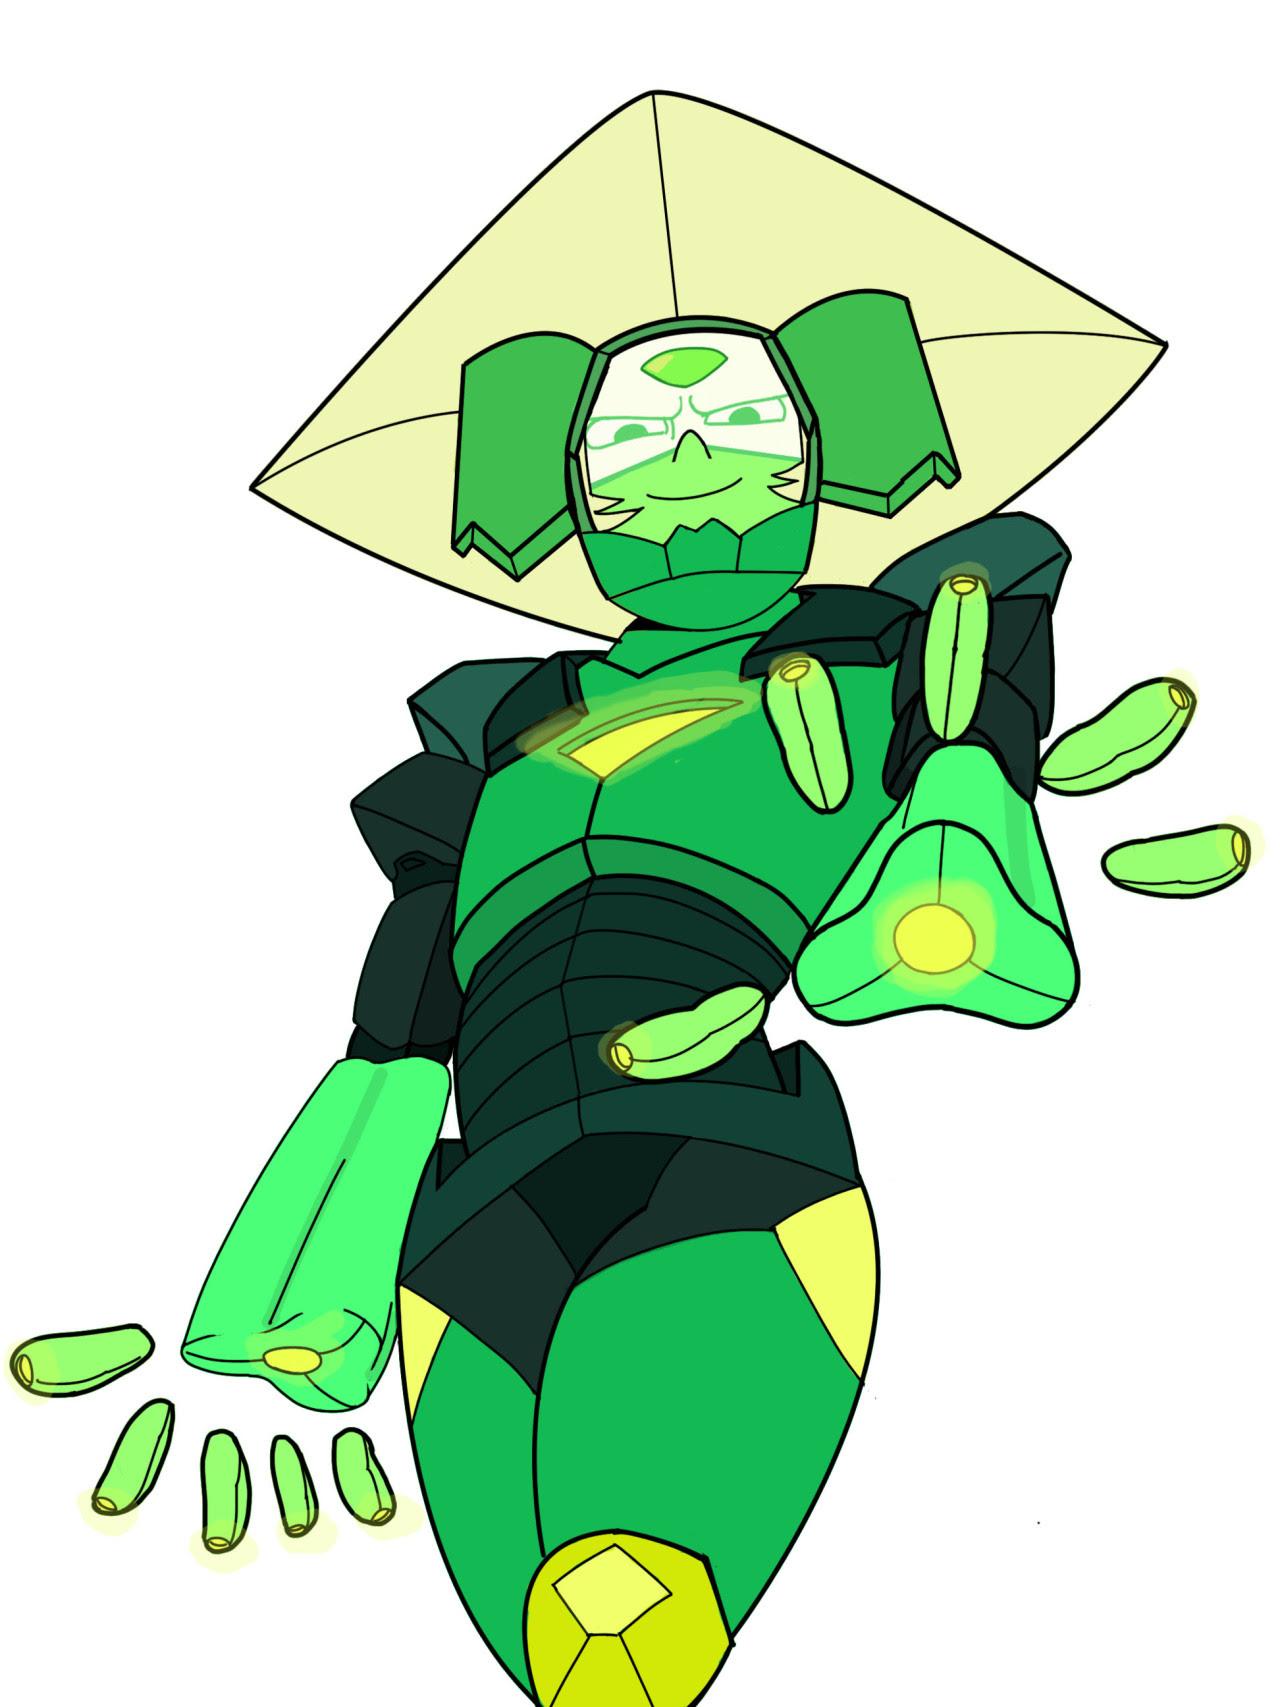 Iron gem